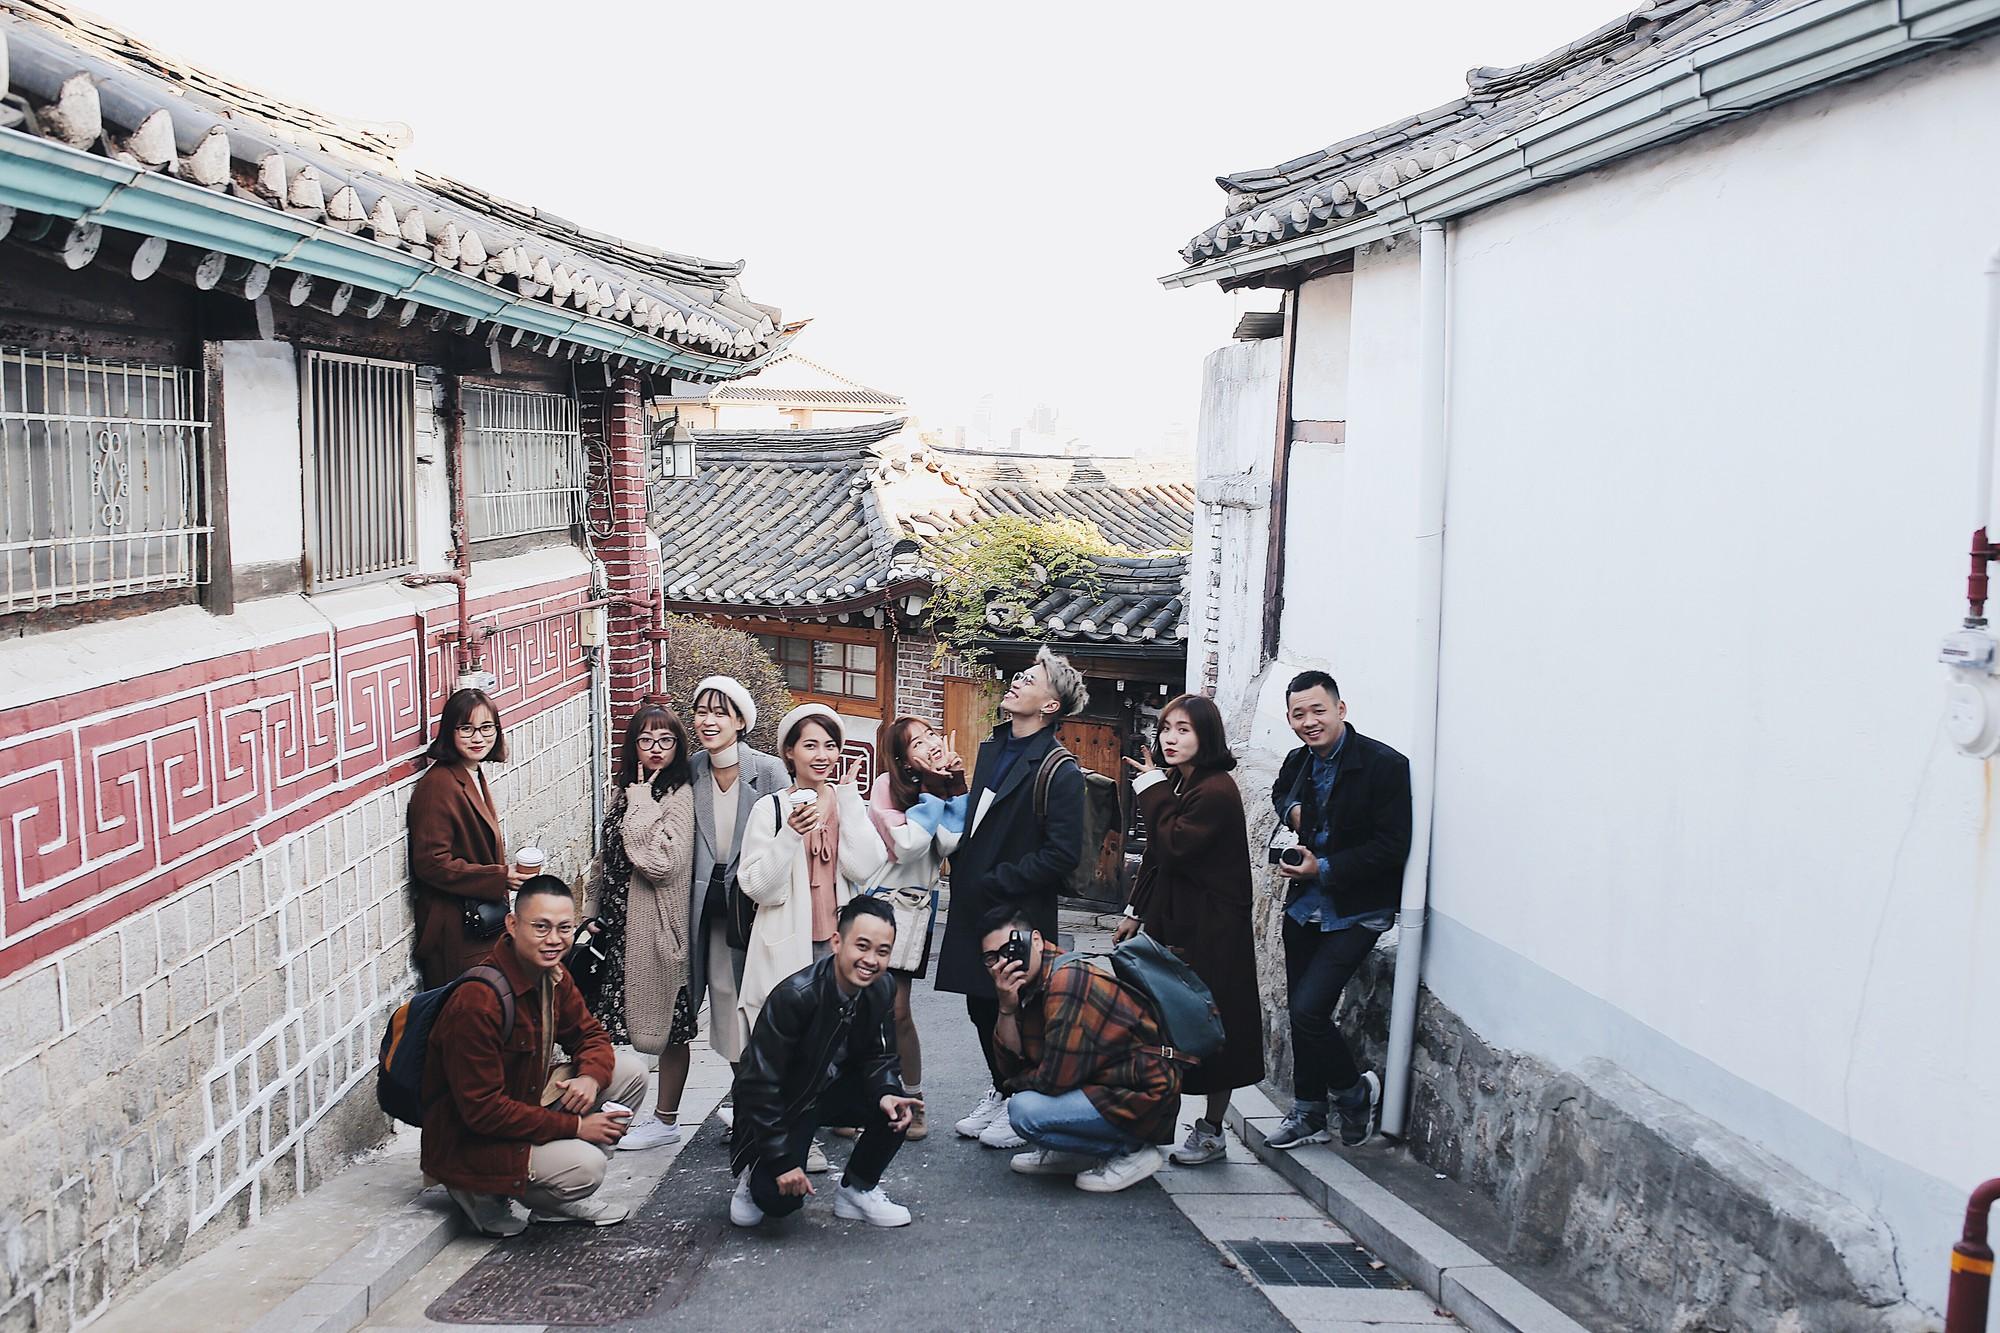 Ảnh đi Hàn tuyệt đẹp của An Toe: Du lịch nhóm, lên concept áo quần quan trọng như... mua vé máy bay! - Ảnh 1.